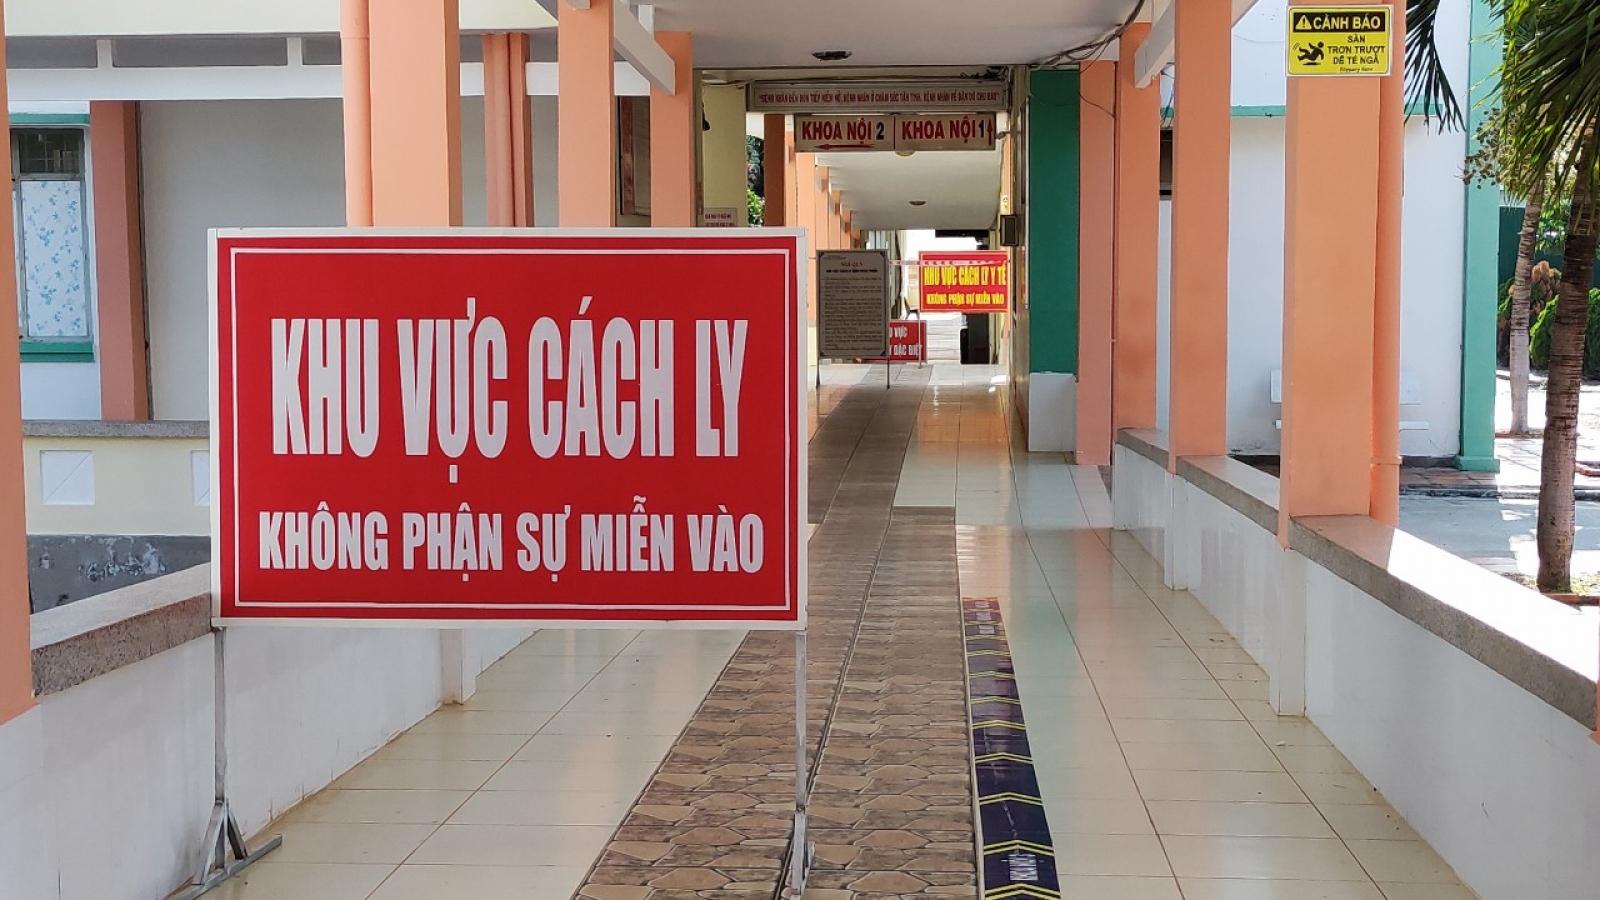 Trường hợp thứ 12 tử vong do COVID-19 ở Đắk Lắk